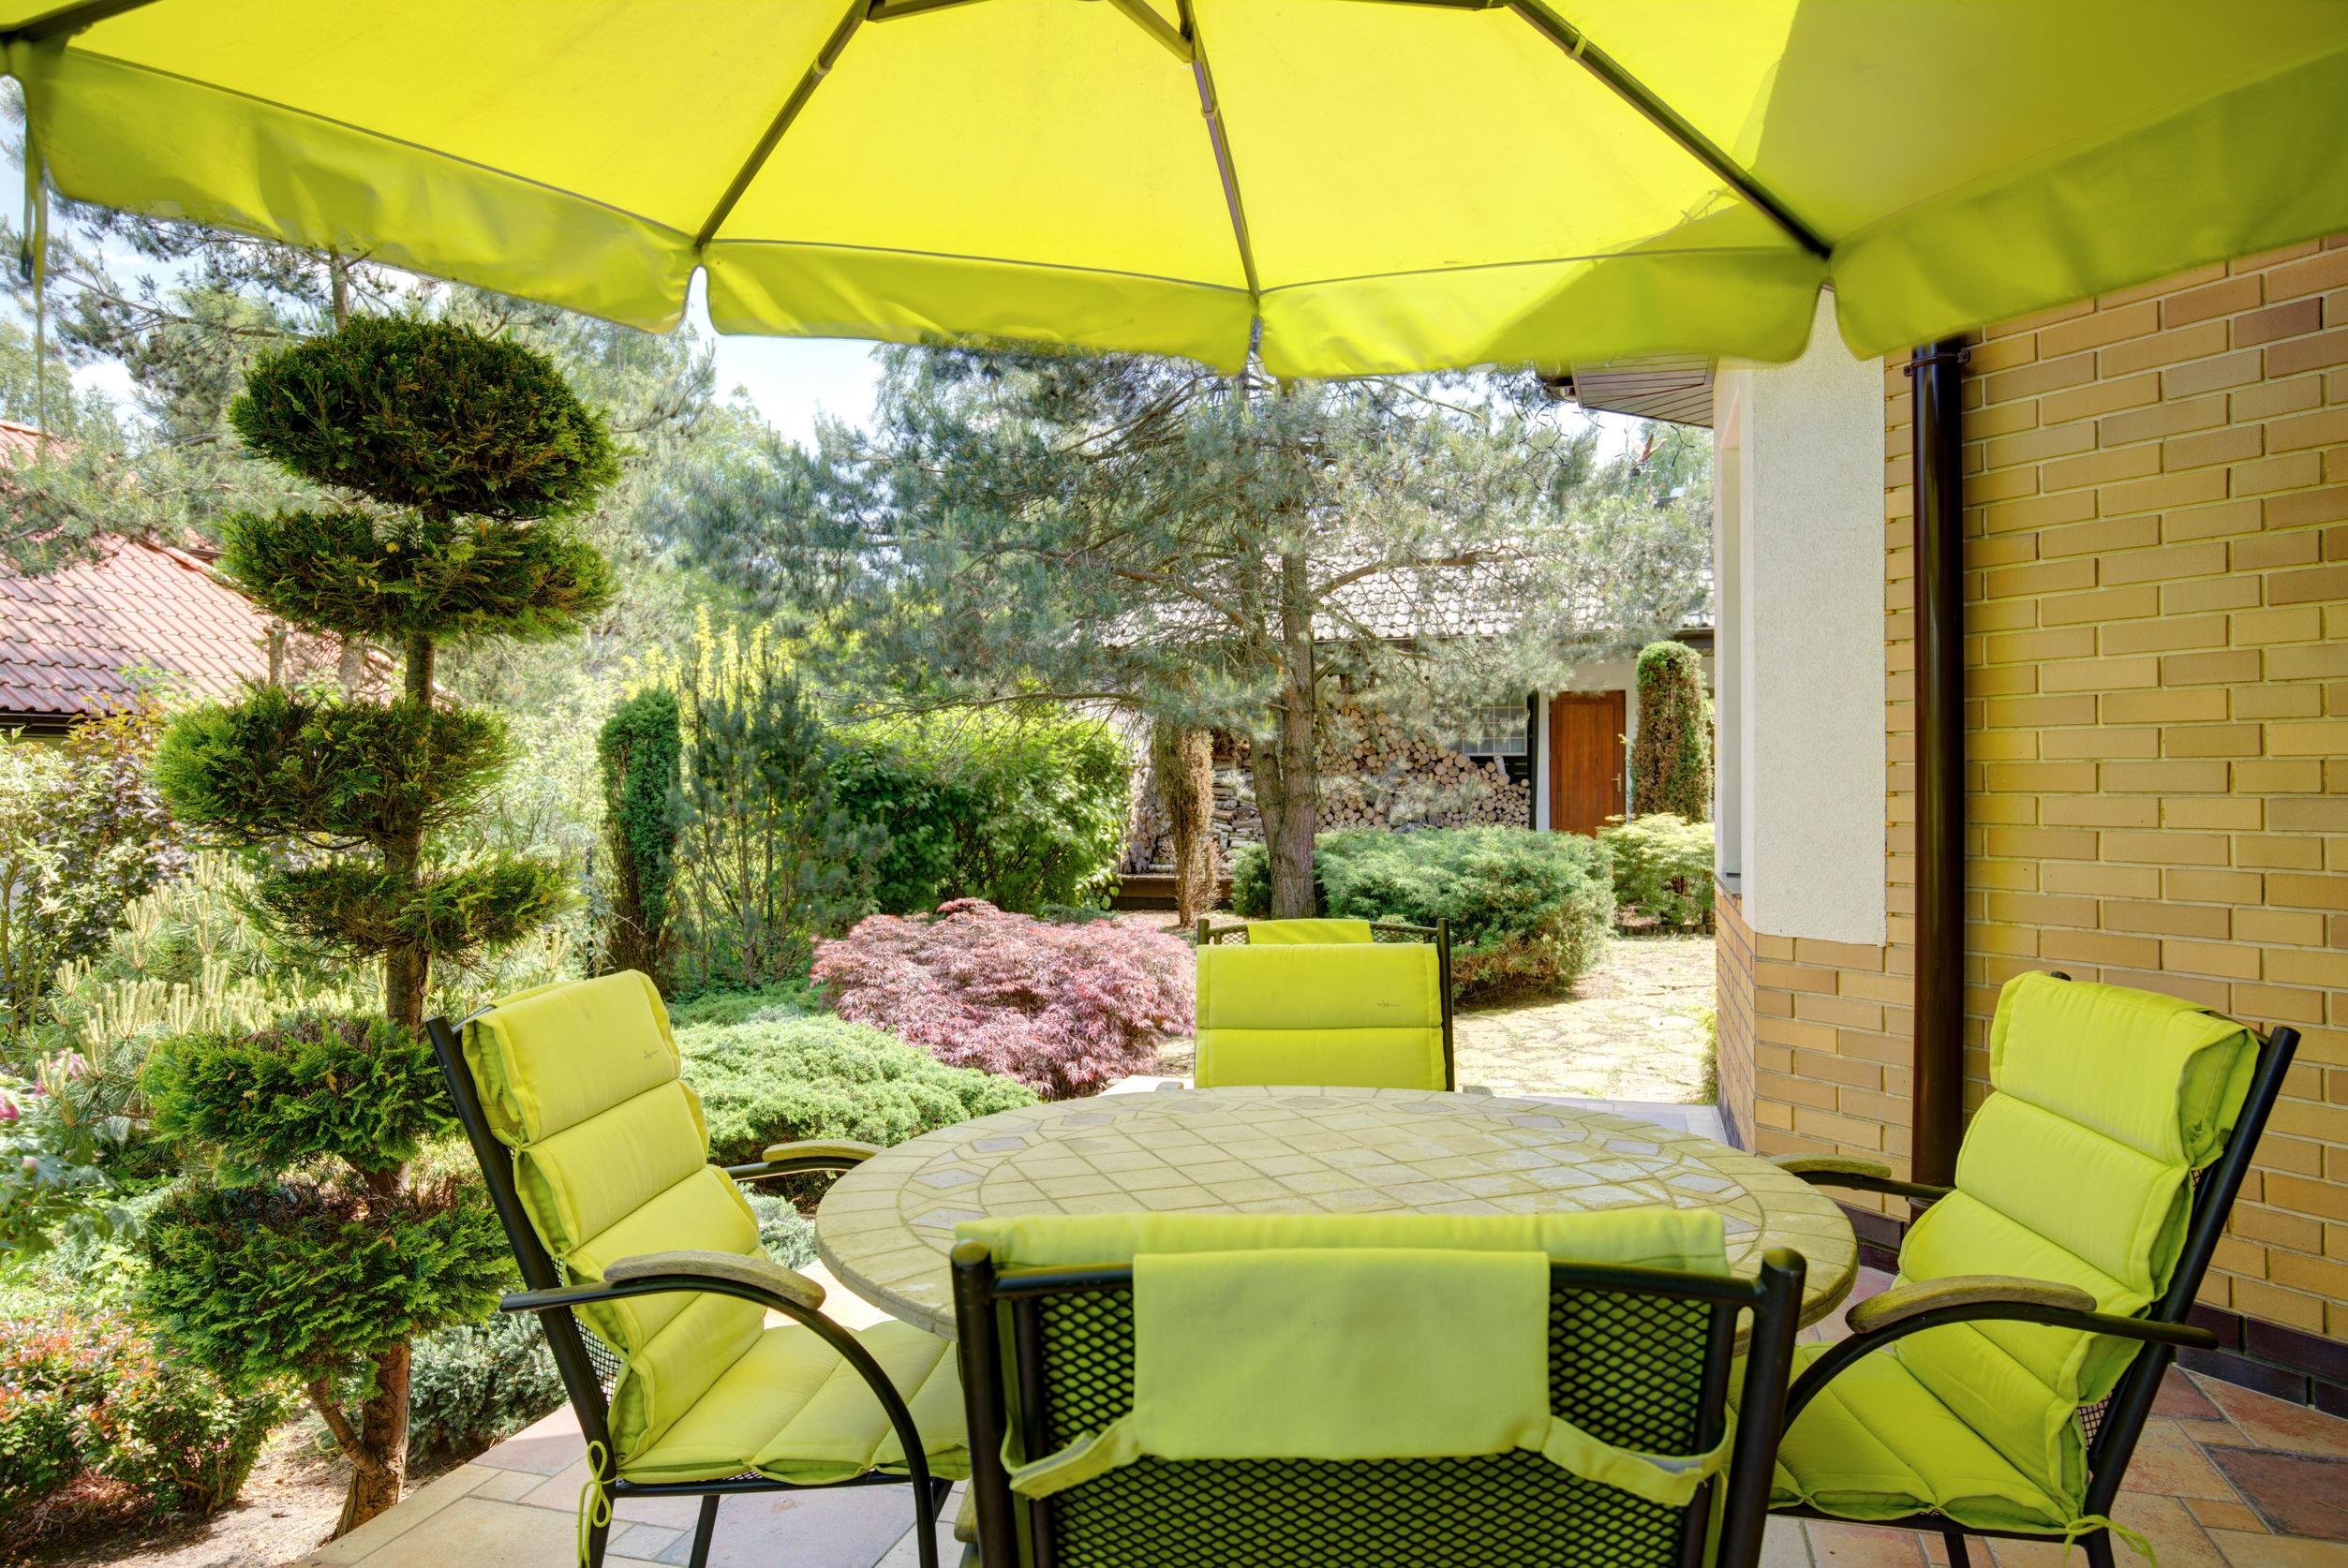 Relajarse en el jardín bajo el toldo